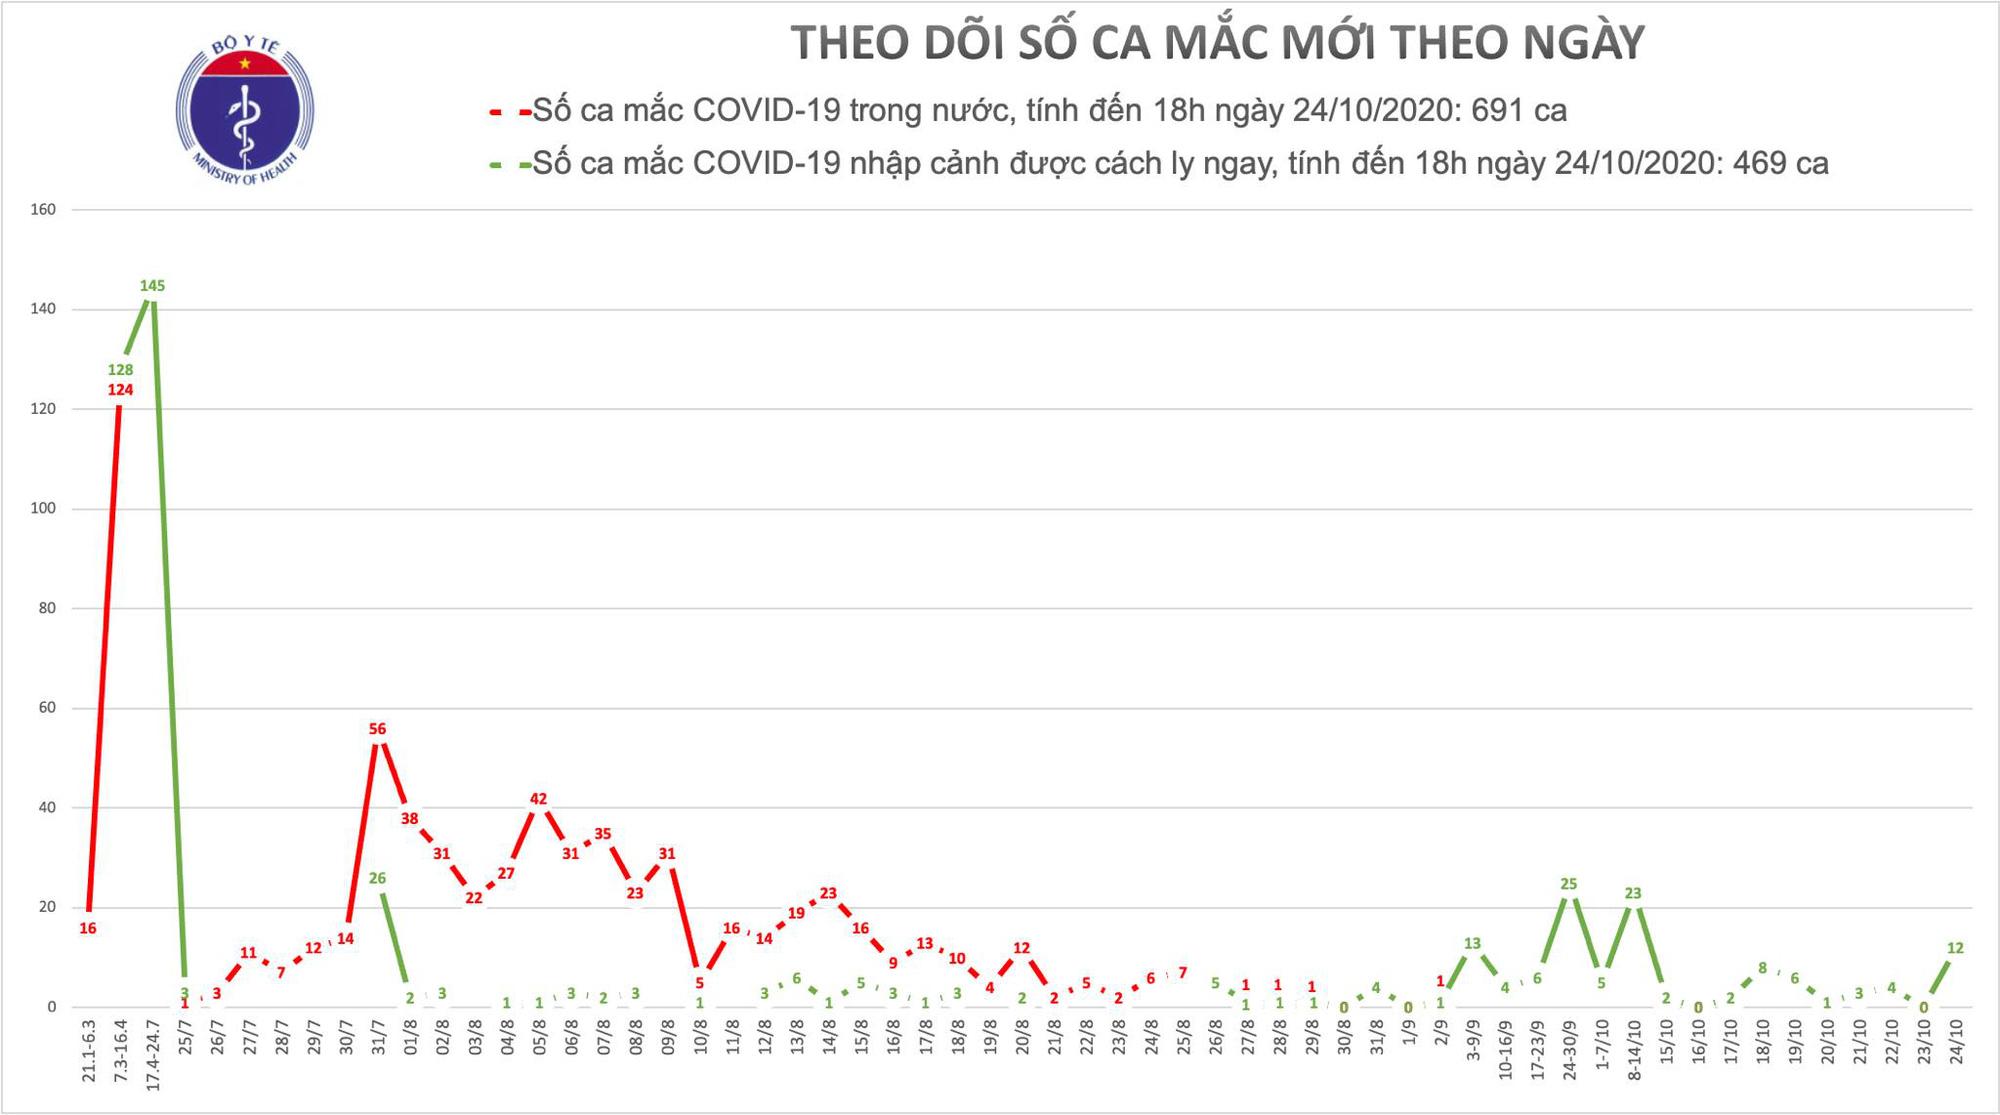 Chiều 24/10 có 12 ca Covid-19 mắc mới, đều là người Việt nhập cảnh - Ảnh 1.